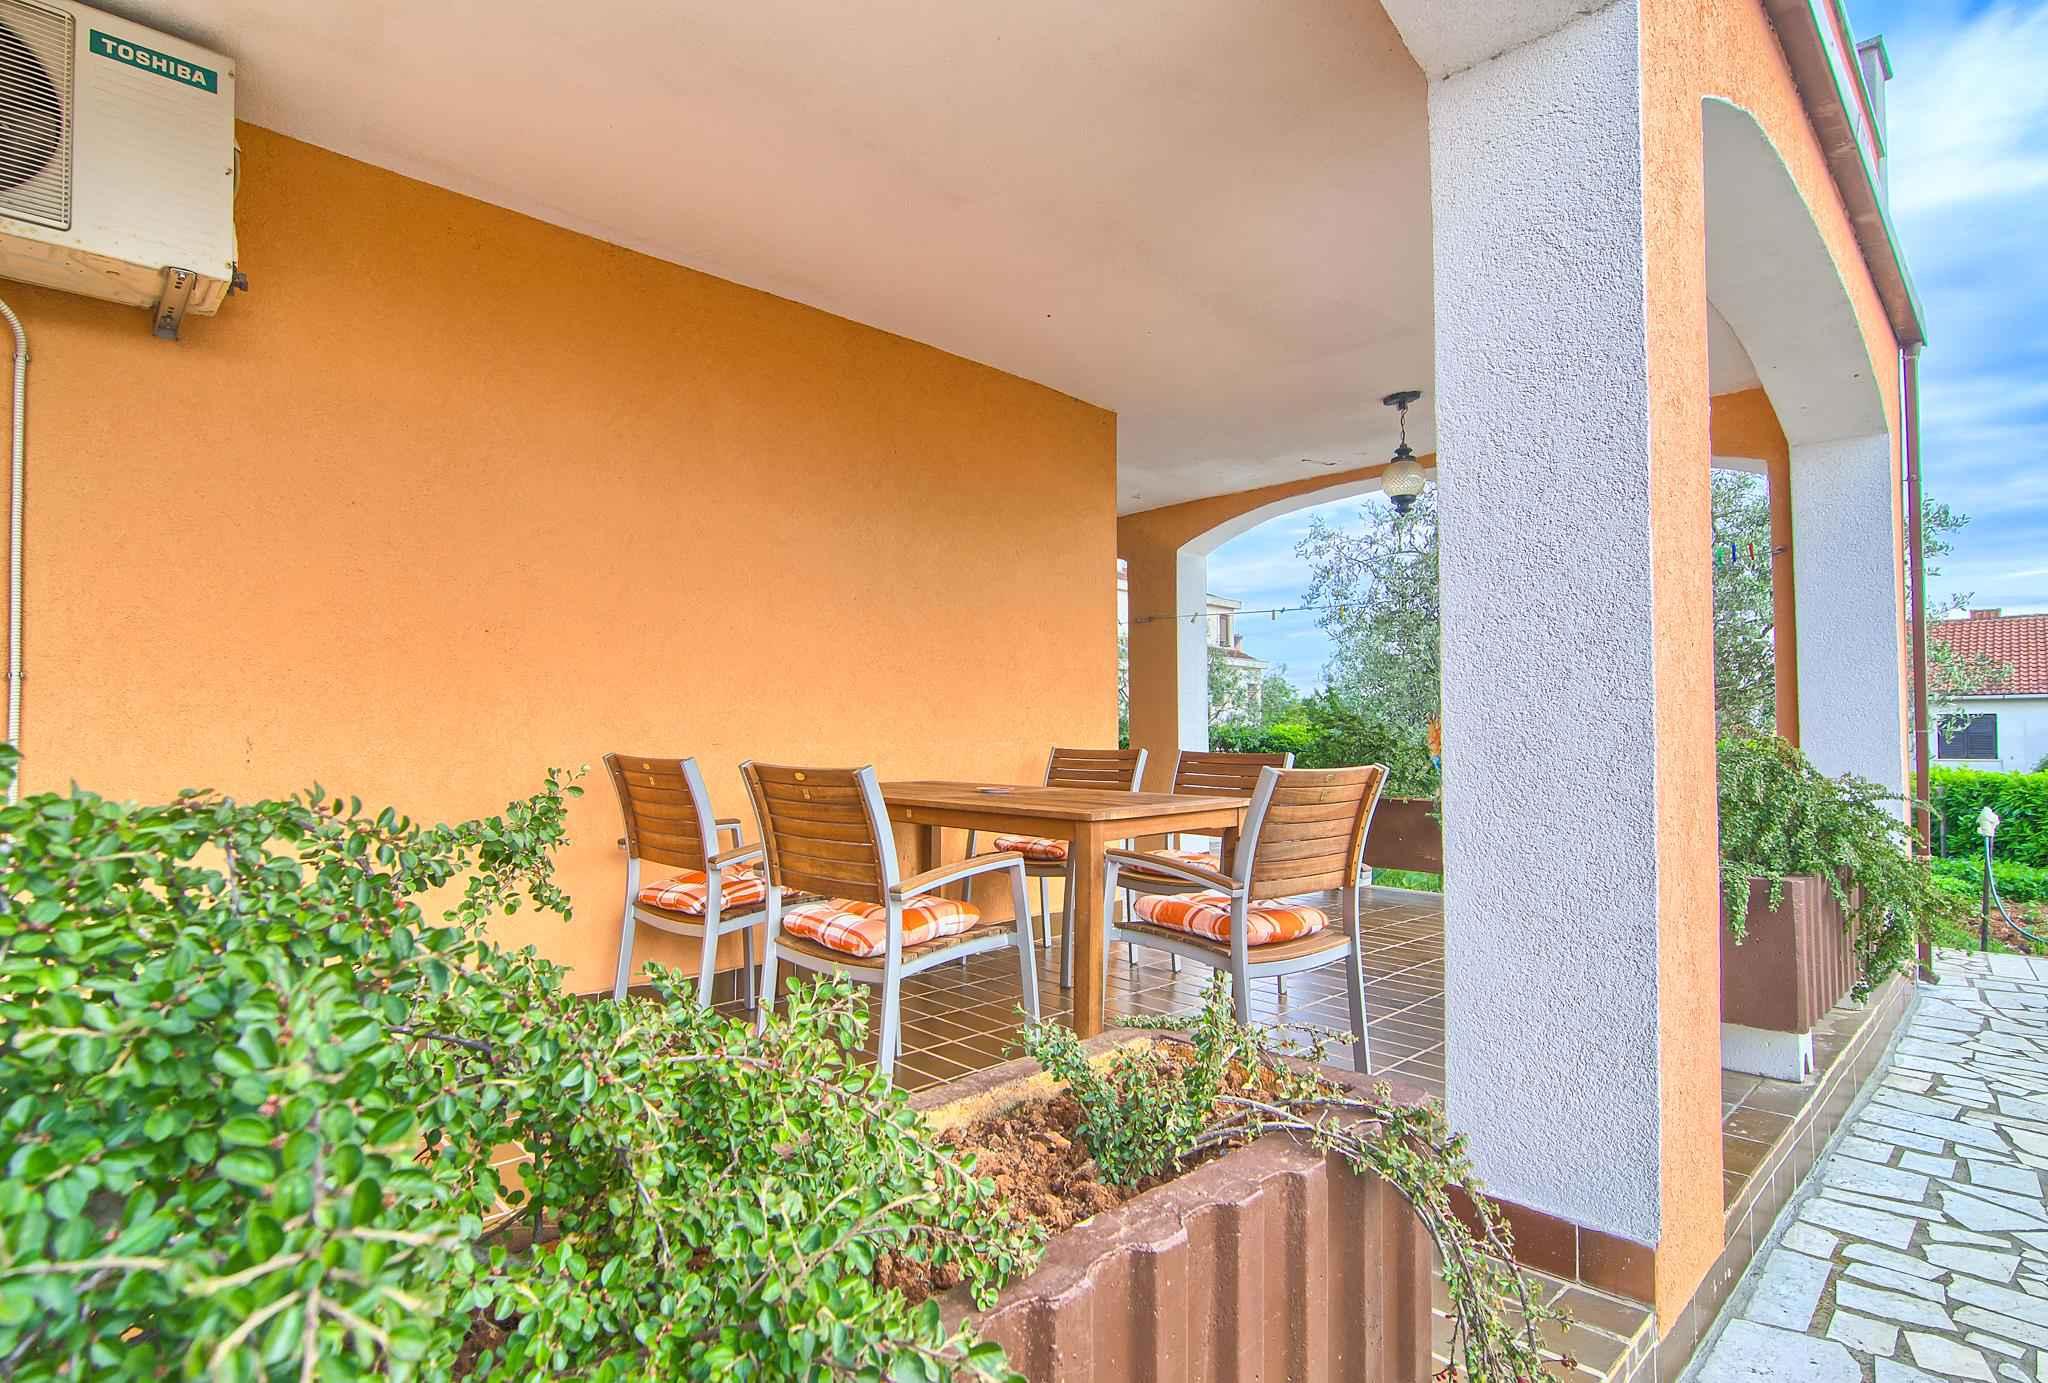 Ferienwohnung mit Pool und 32 qm Terrasse (280631), Pula, , Istrien, Kroatien, Bild 5